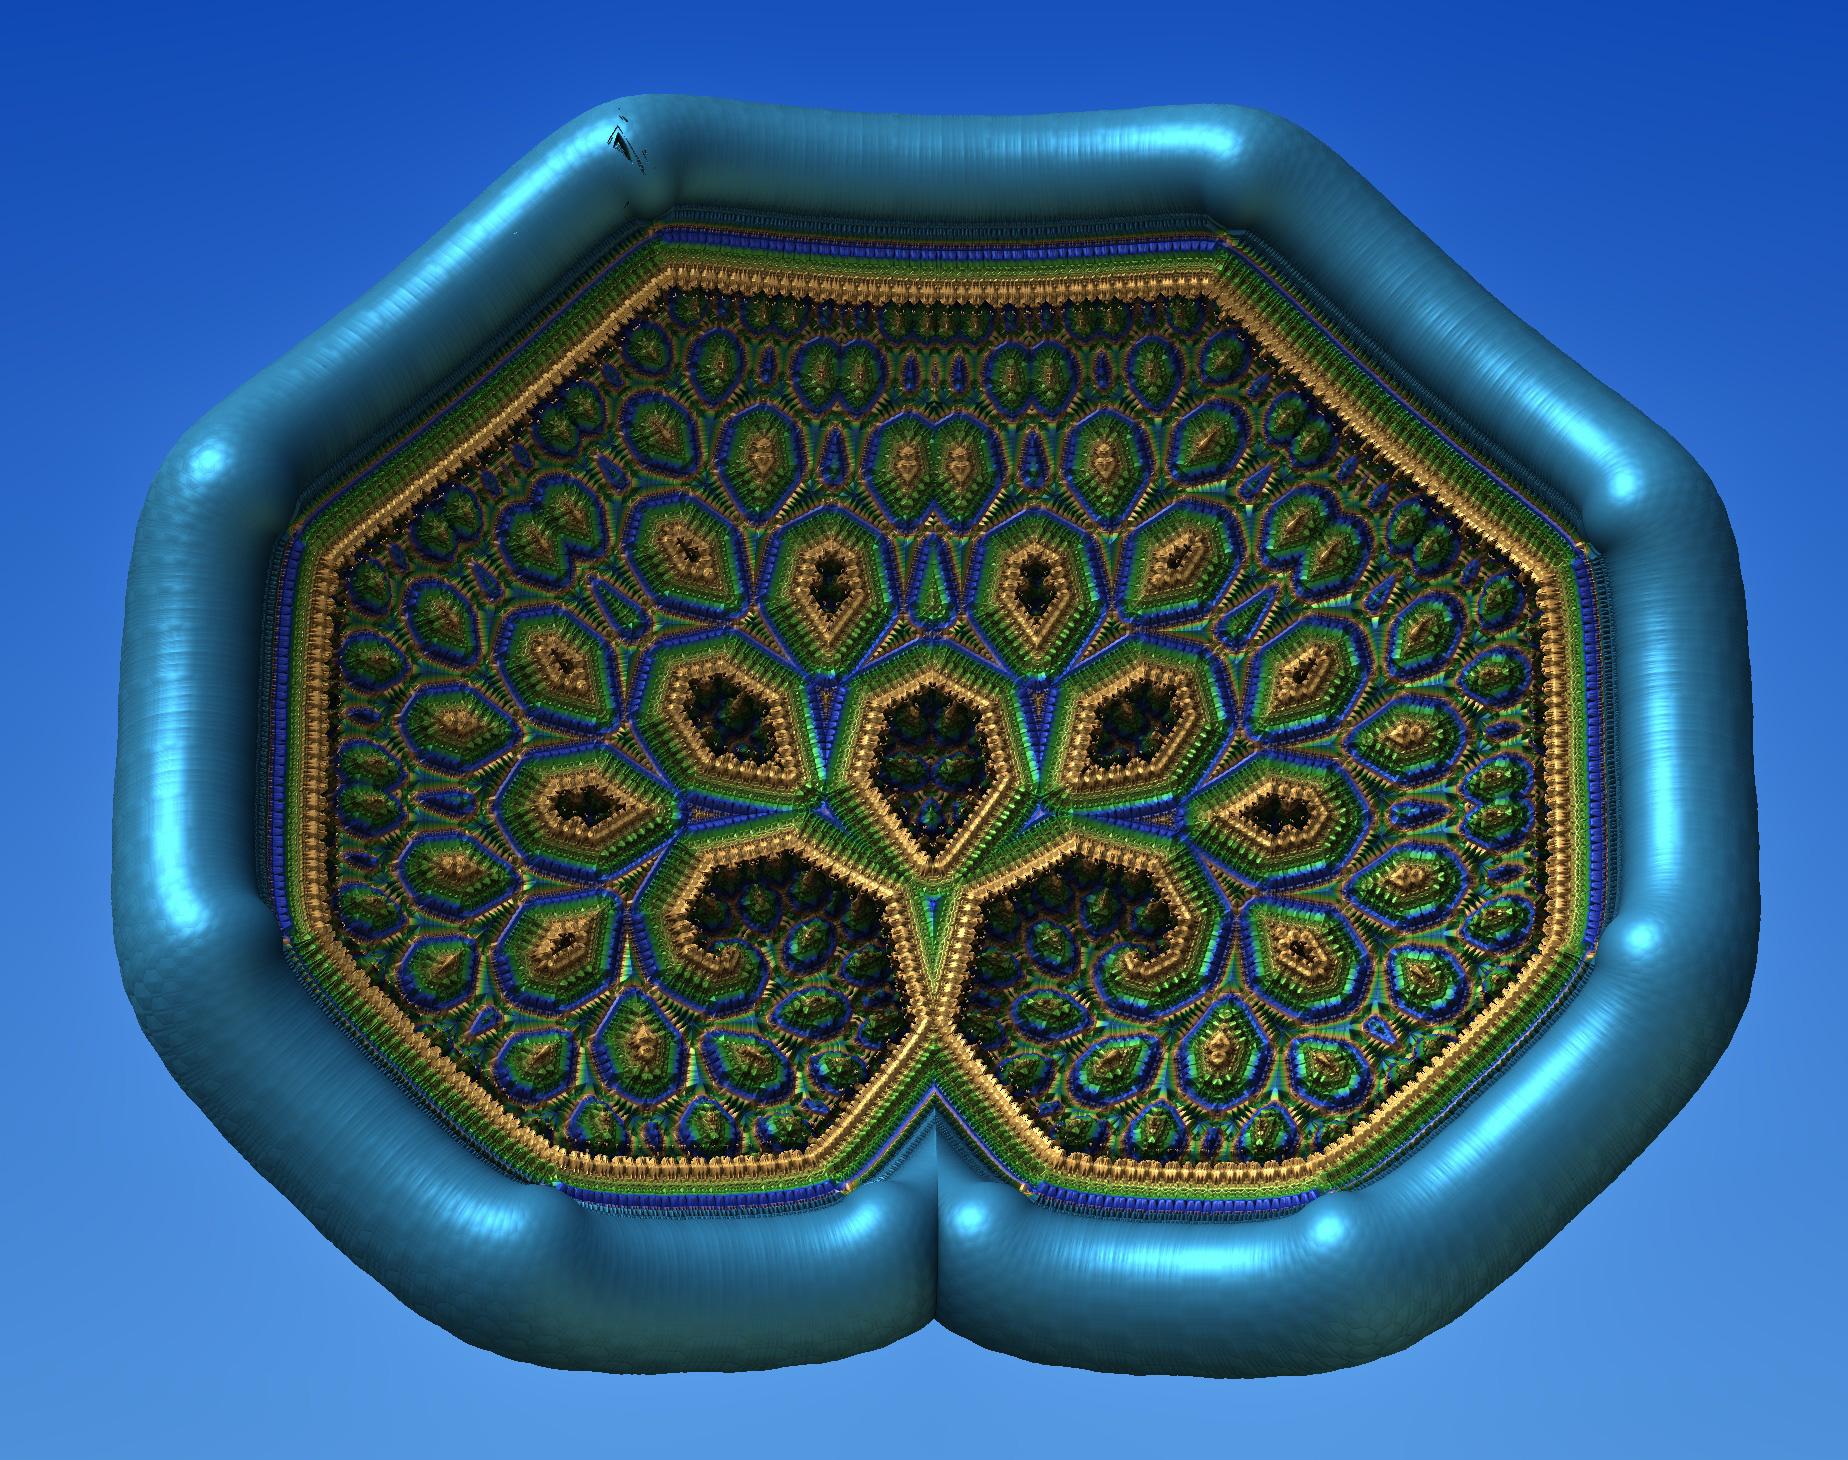 fractal by pixelfrac